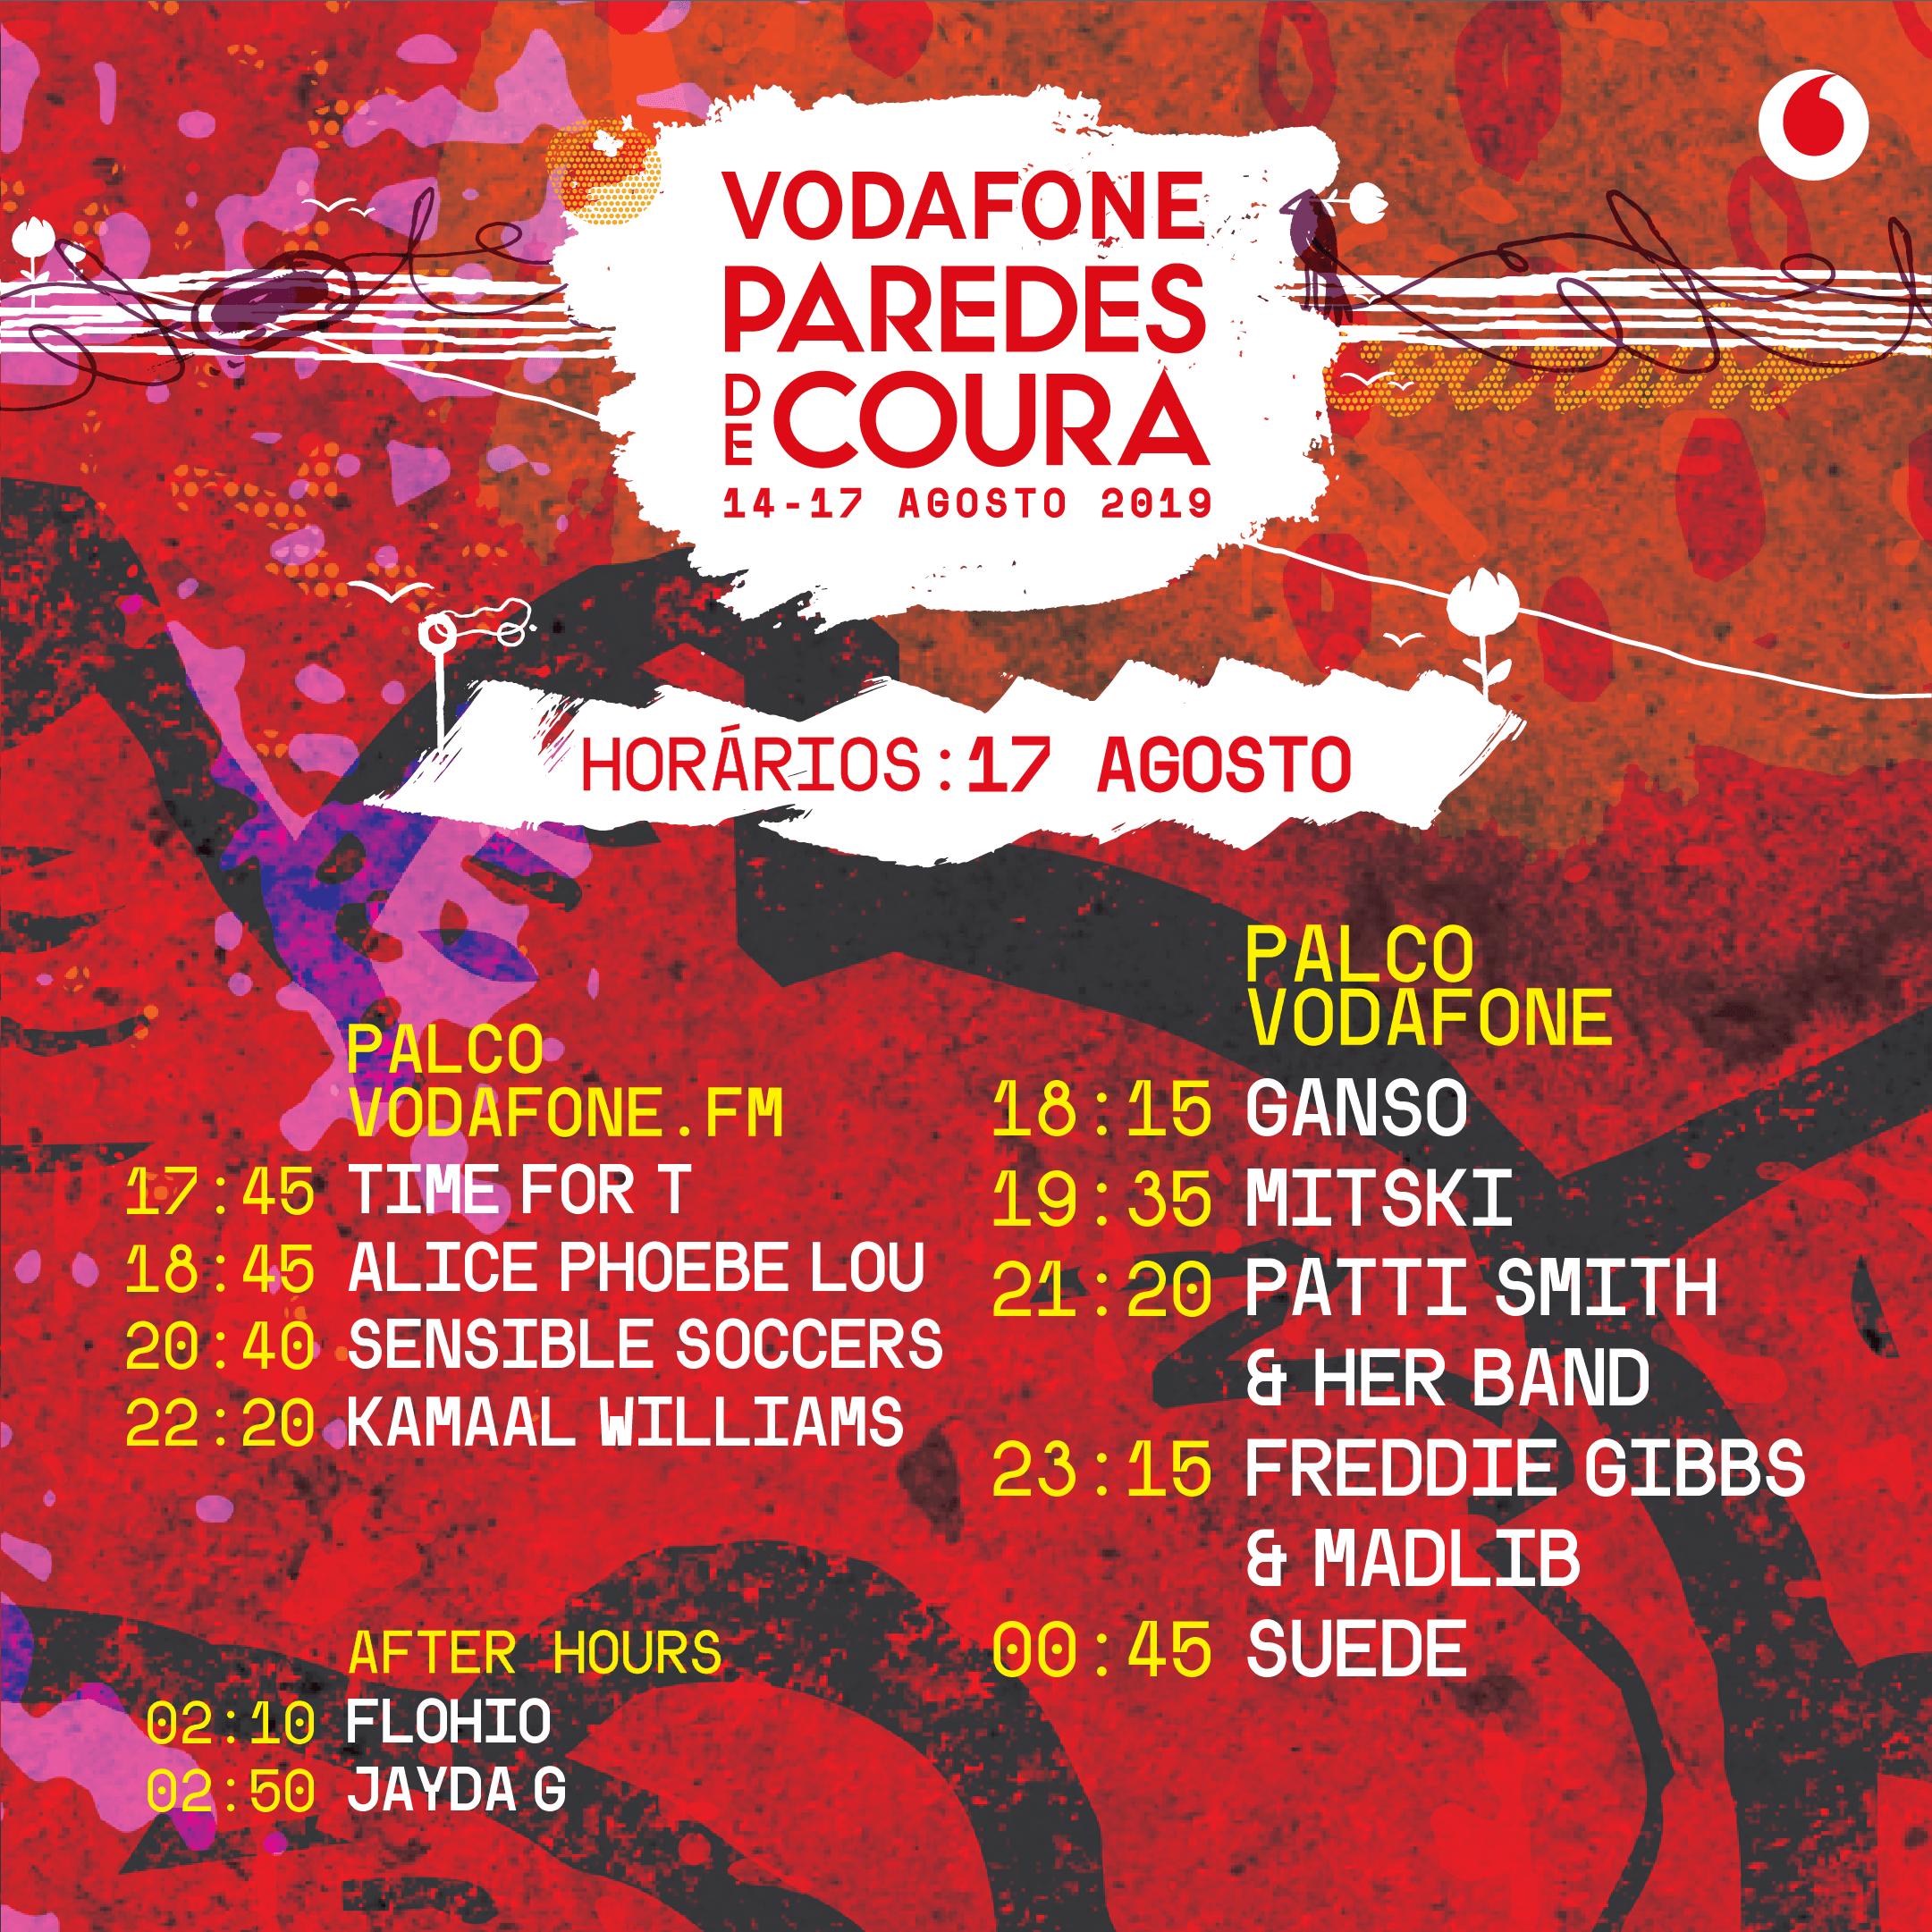 Festival Vodafone Paredes de Coura – Horários